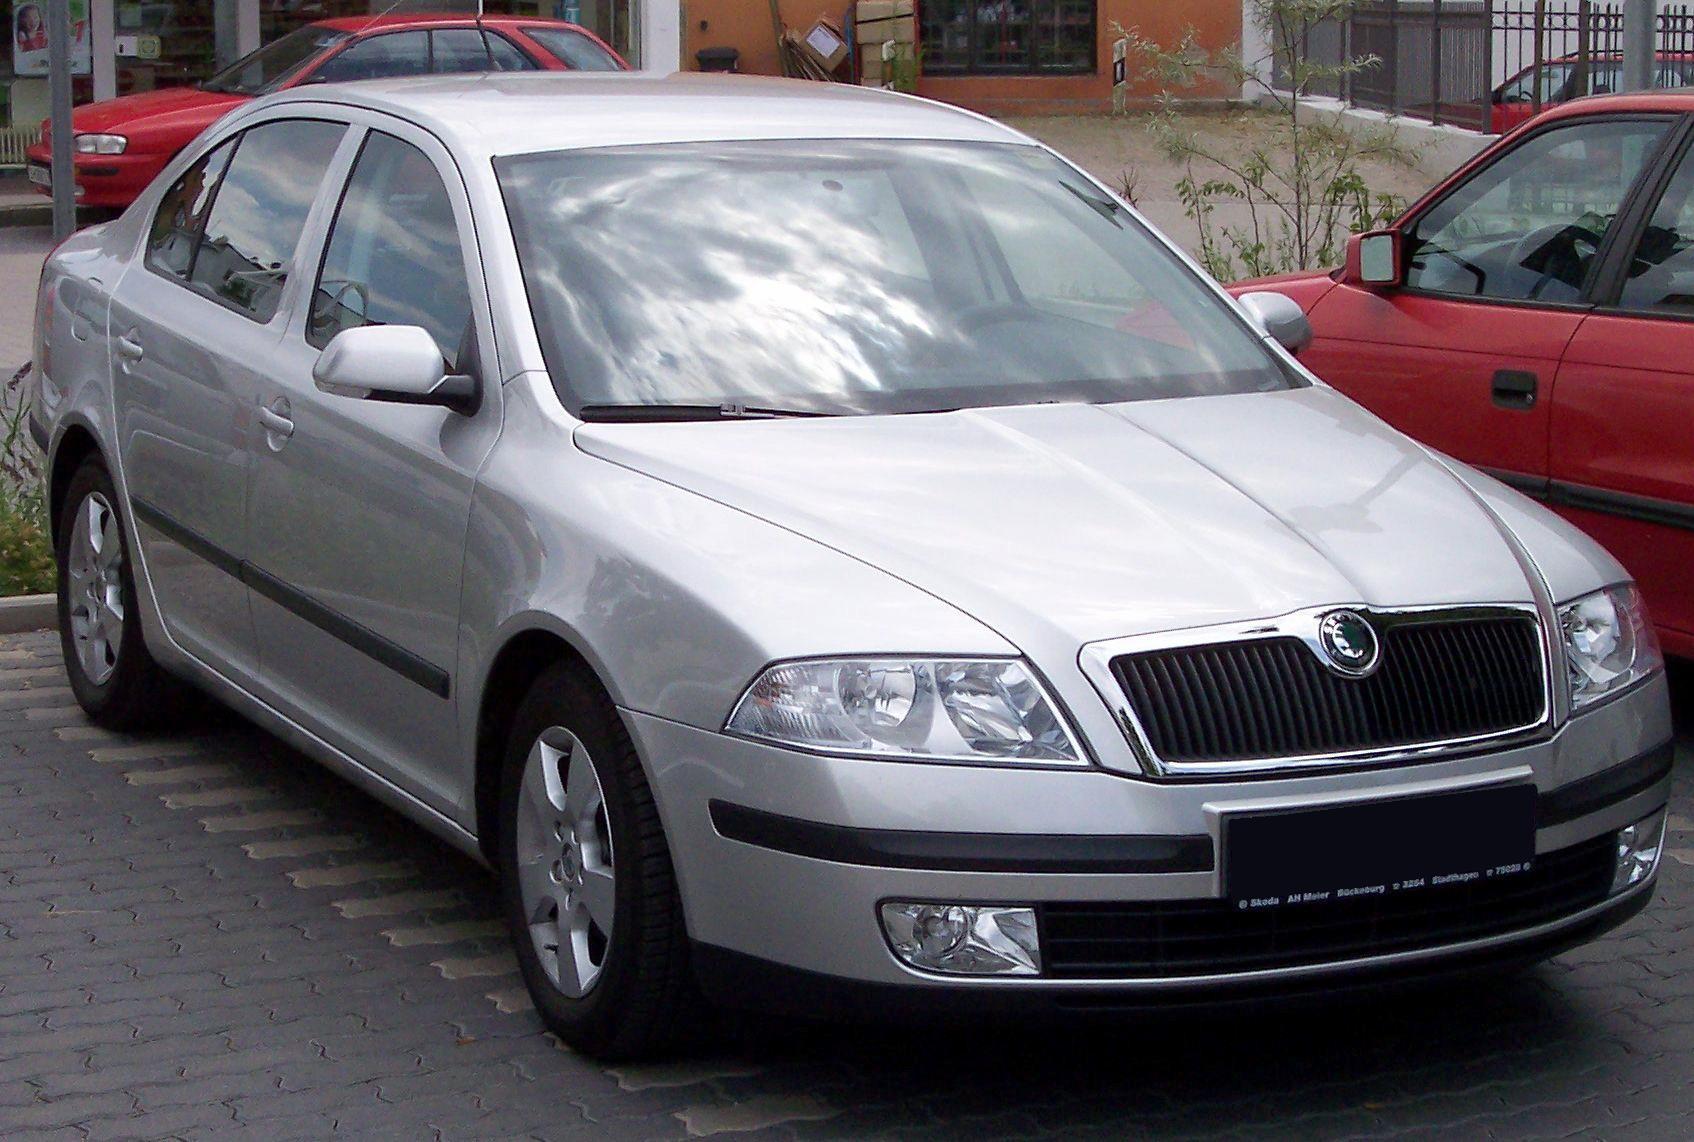 2006 Skoda Octavia